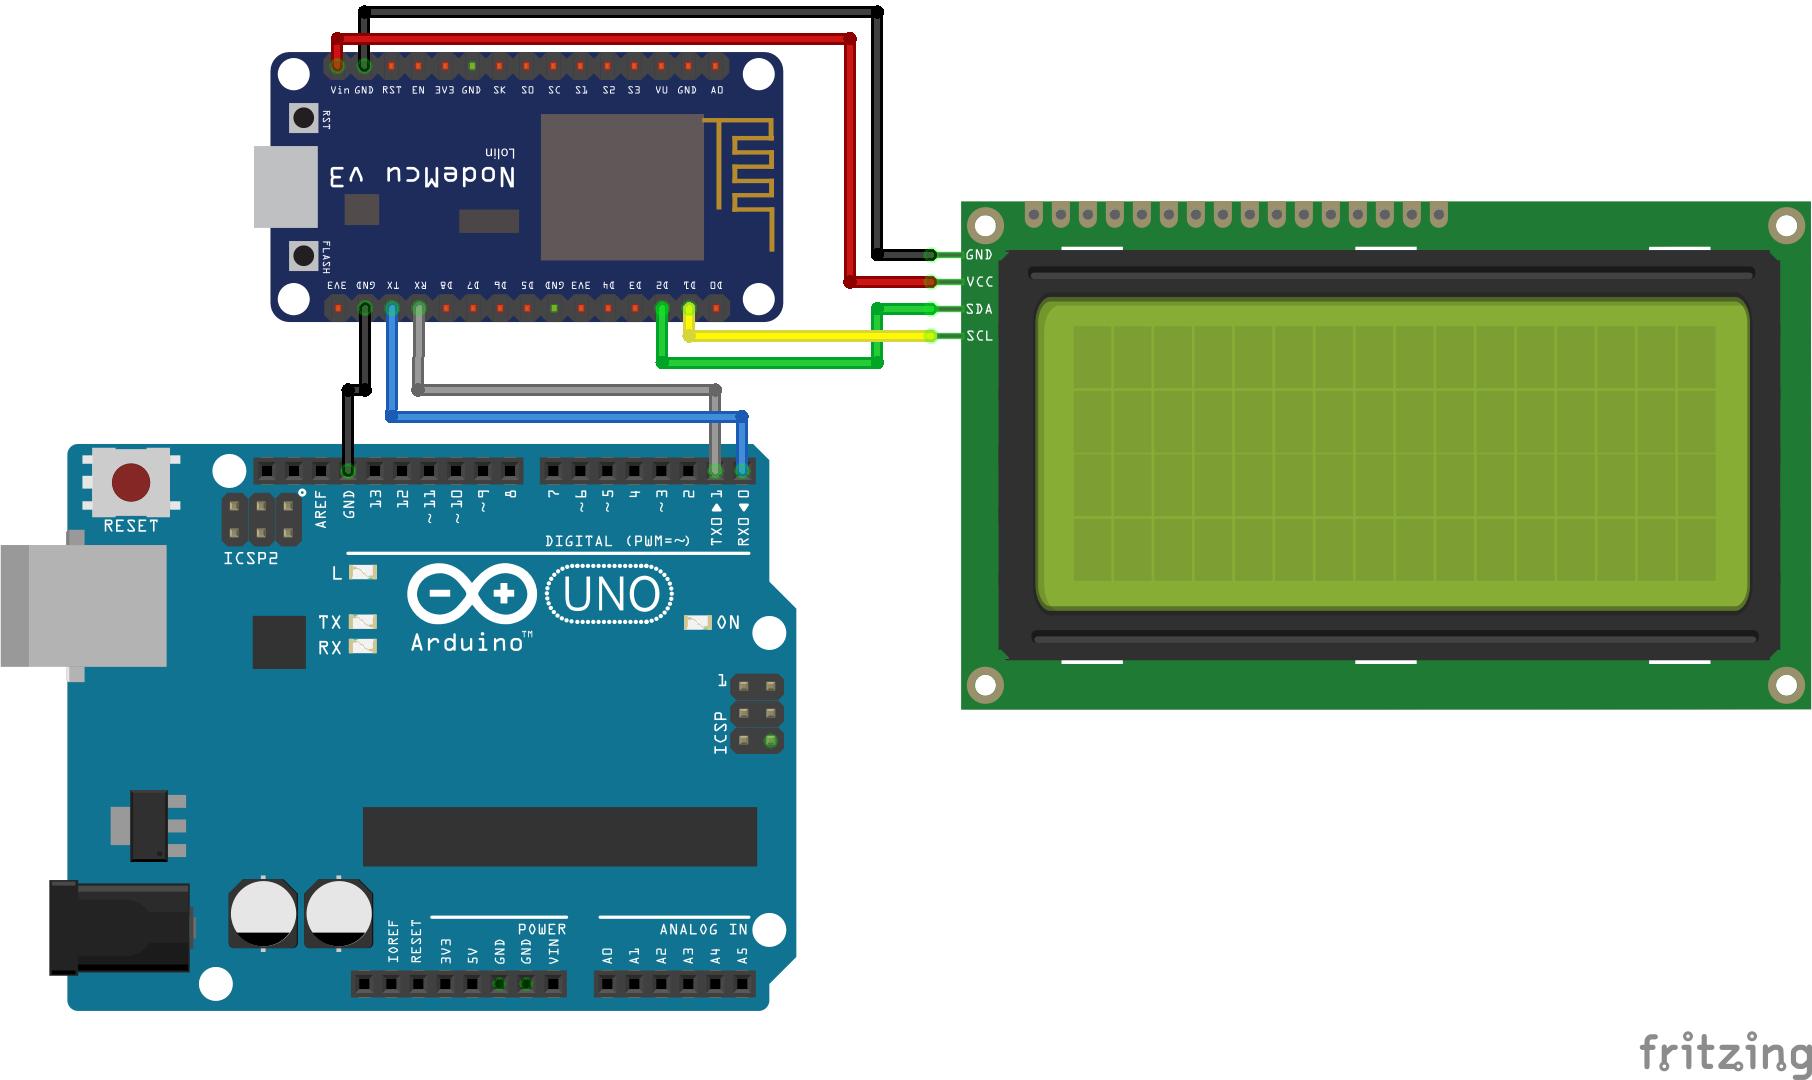 UART Communication Arduino and ESP8266